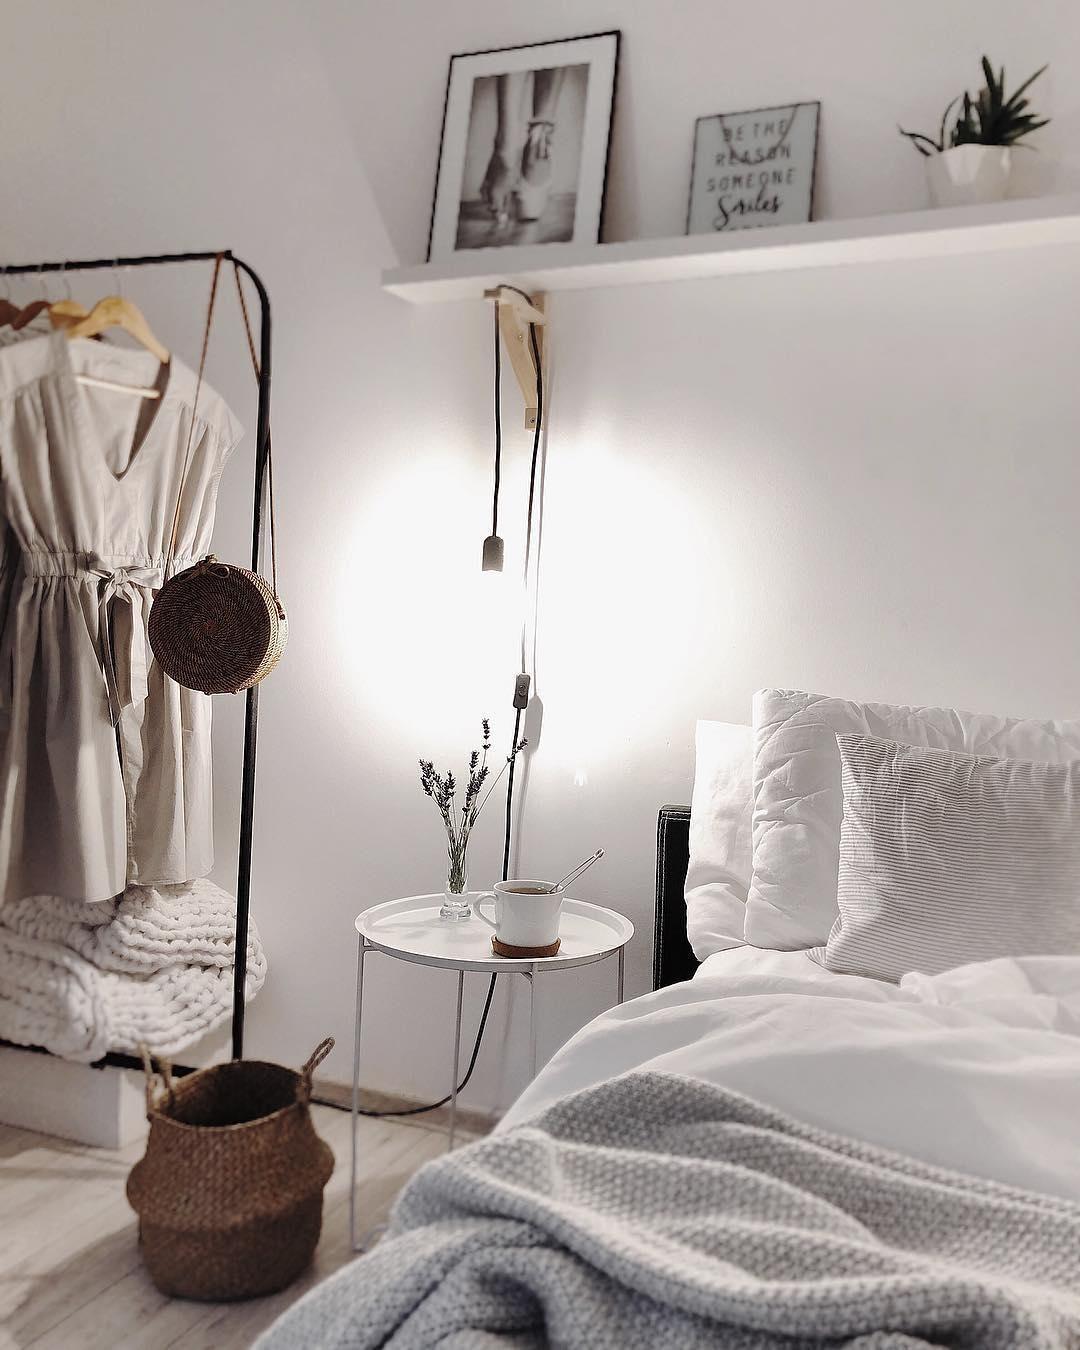 white dreams! in diesem wunderschönen schlafzimmer stimmt